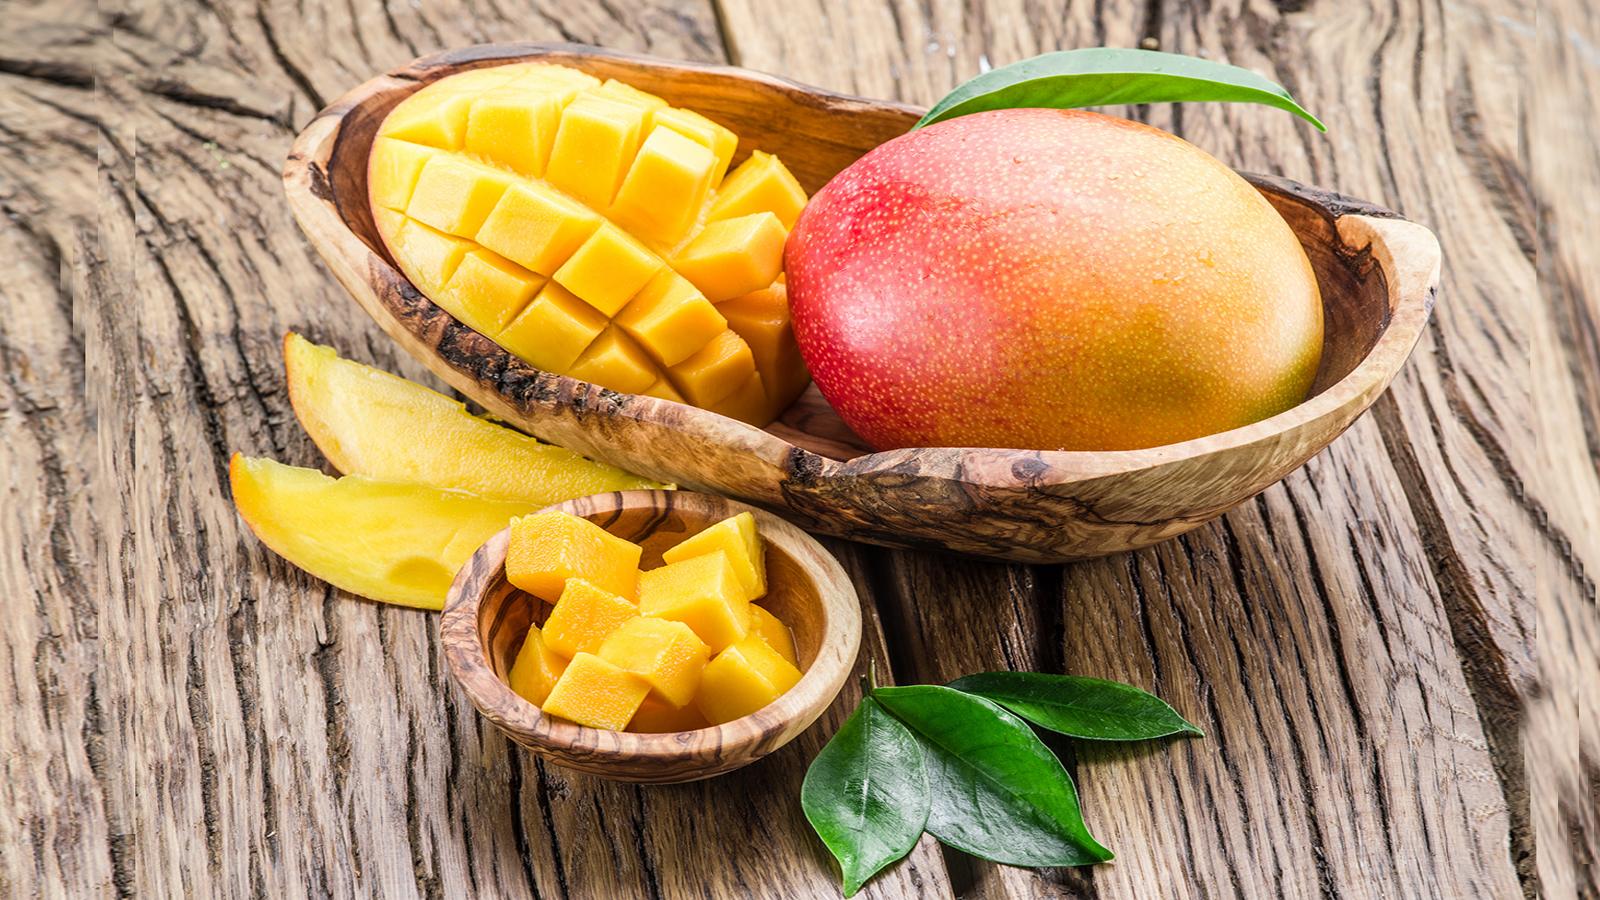 糖質制限中にマンゴーって食べちゃダメ?糖質量データと注意ポイントを徹底解説